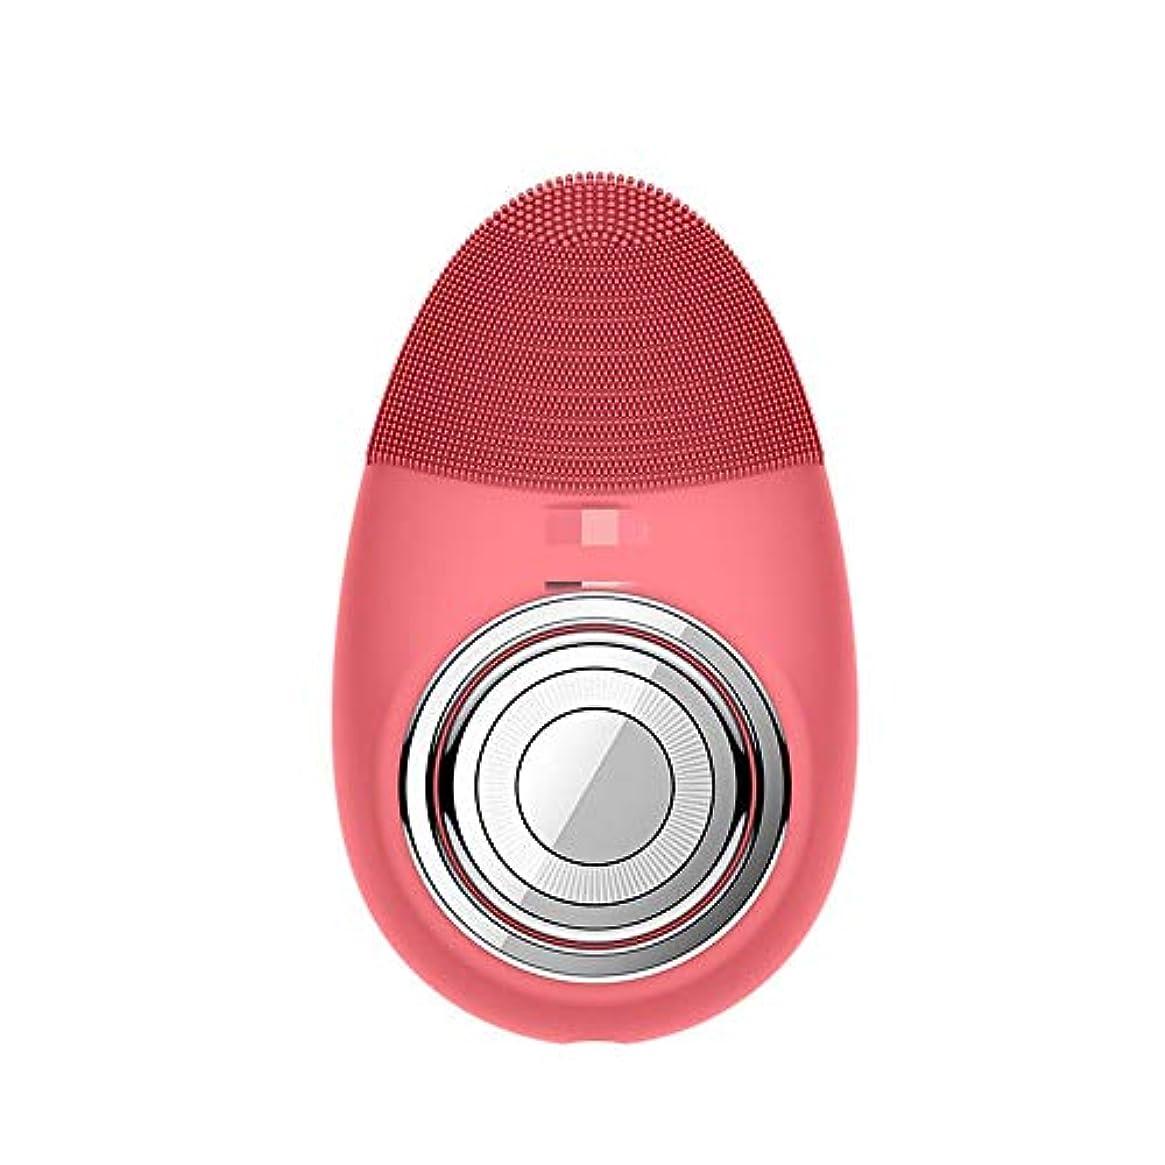 運営形容詞上に築きますDonghechengkang 多機能電気恒温シリコーンクレンジング楽器赤灯肌清潔毛穴クリーナー輸入機器美容機器 (Color : Red)